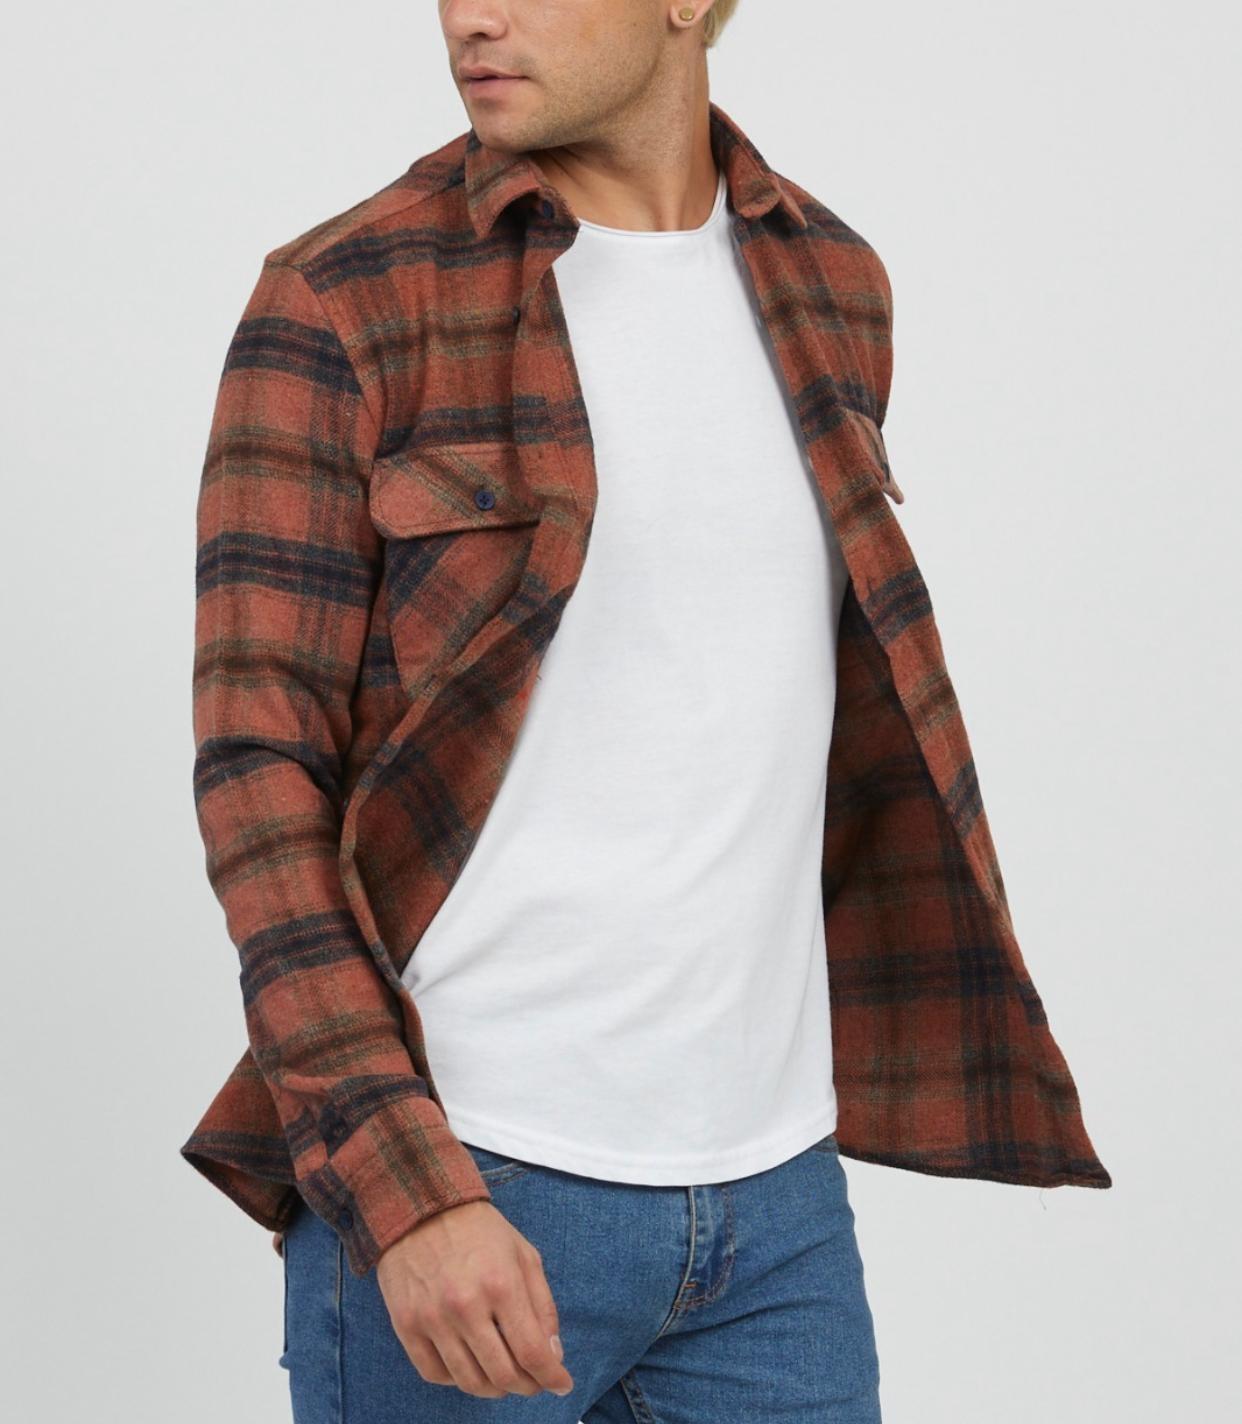 MYSTORE chemise charles brun-4